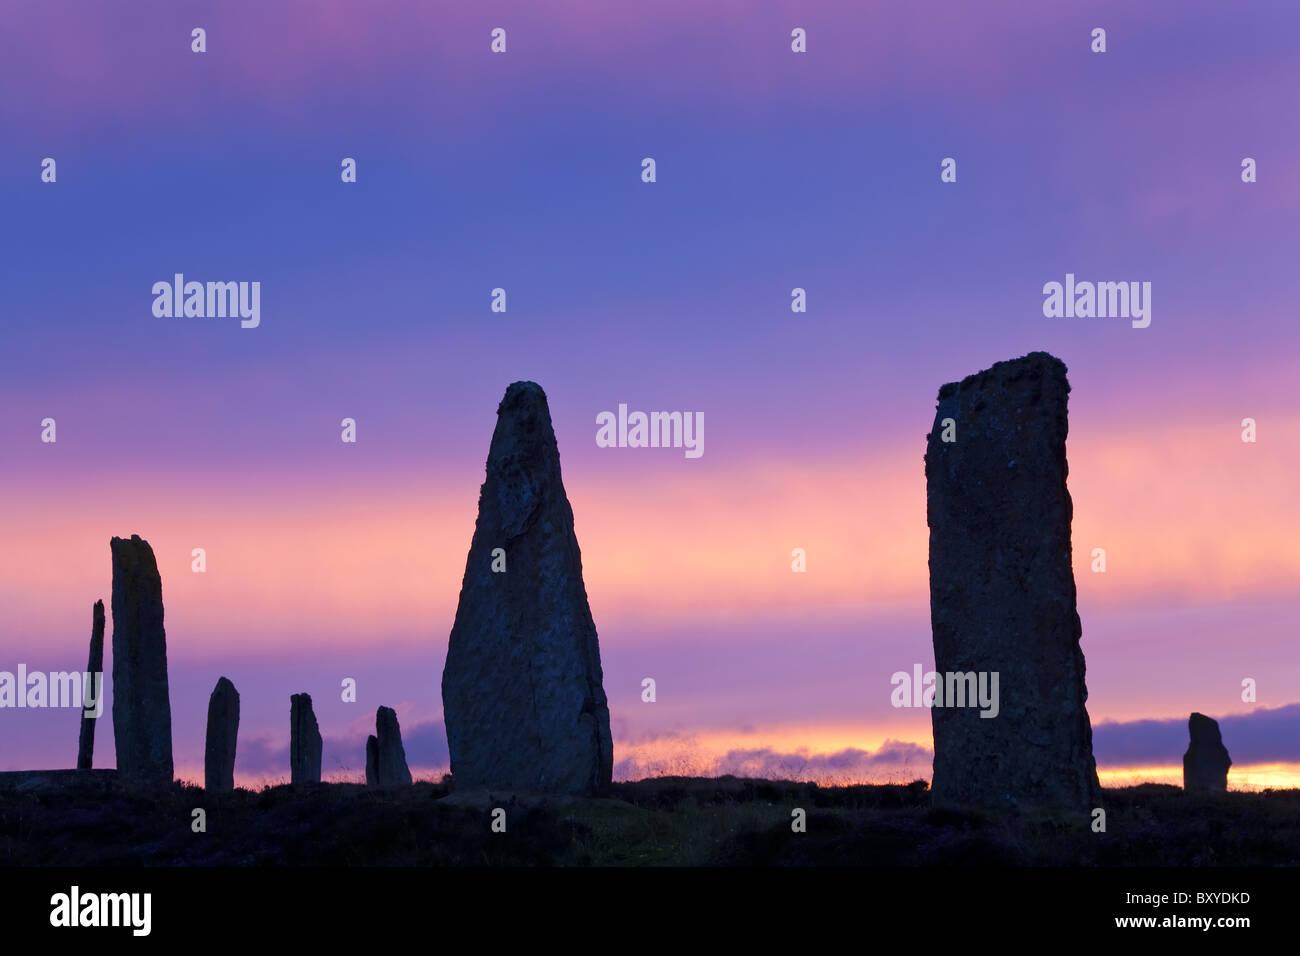 Der Ring of Brodgar stehenden Steinen Orkney Islands-Schottland Stockbild